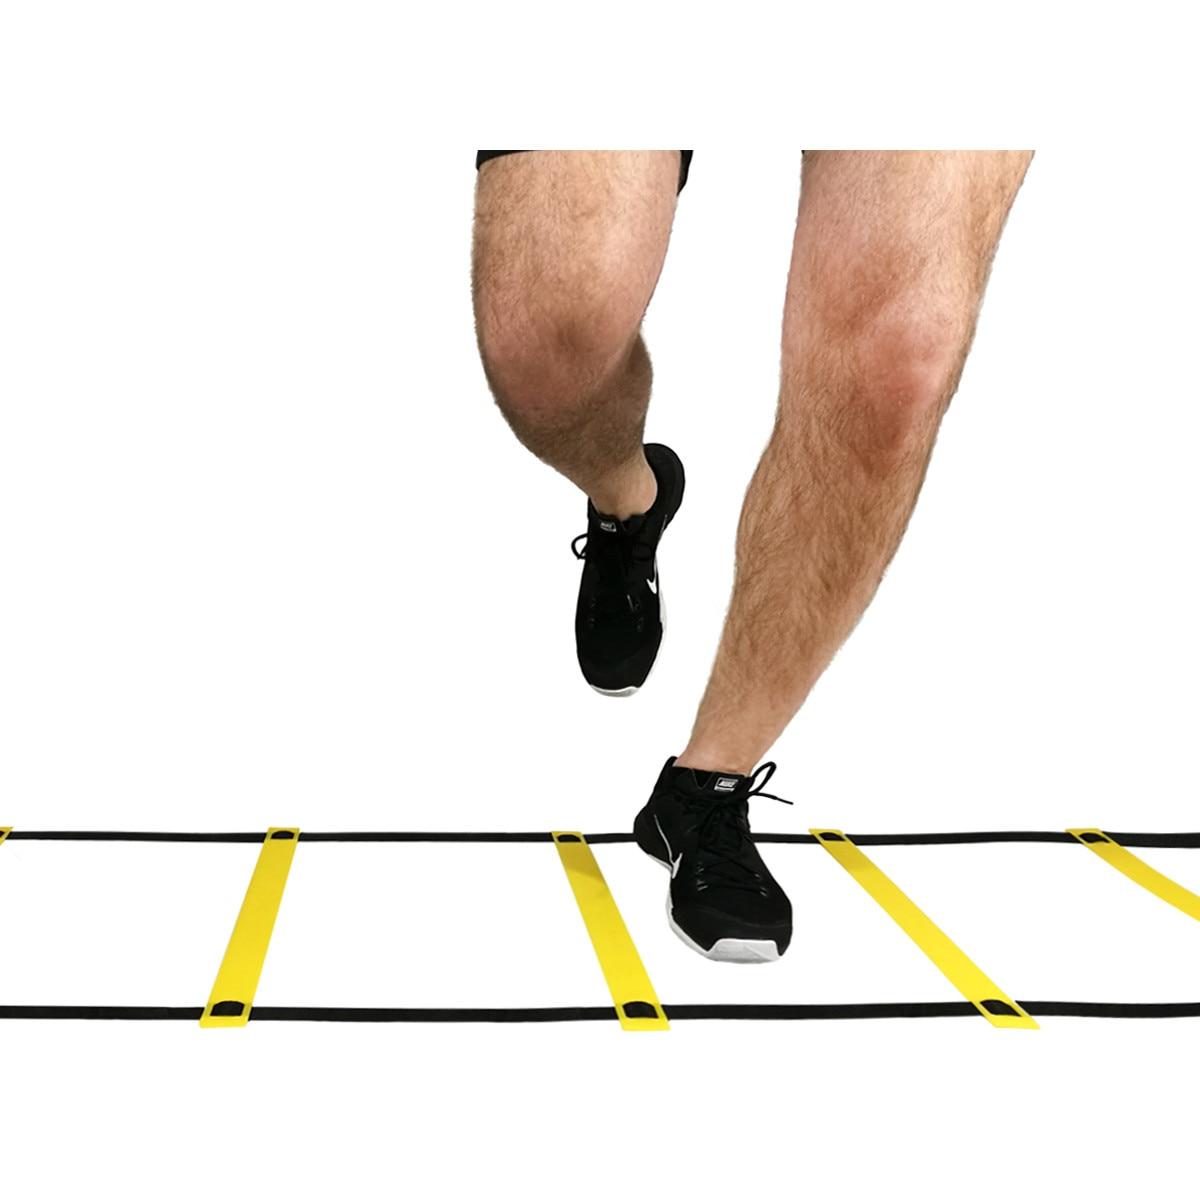 burghie pentru scară de agilitate pentru pierderea în greutate